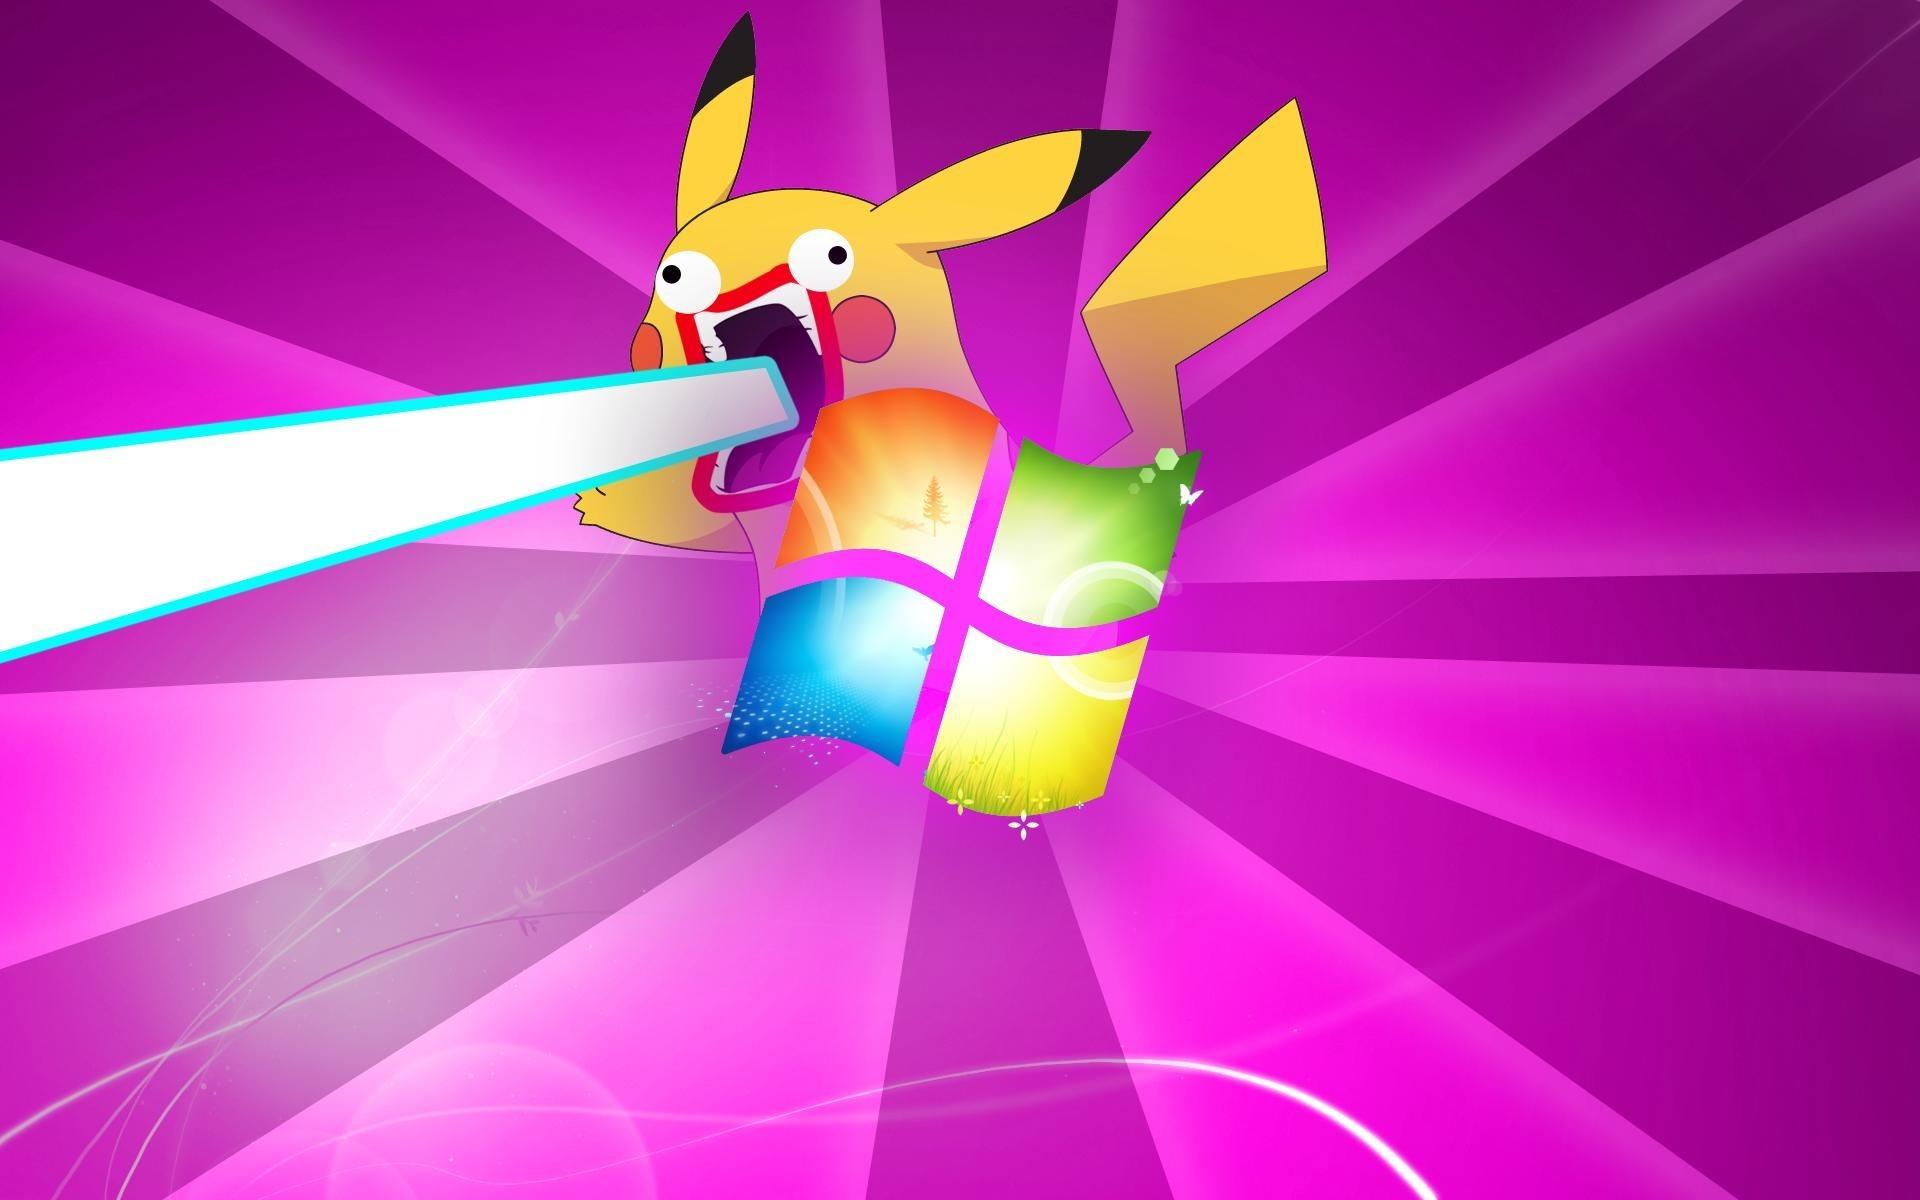 Cute-Pokemon-for-Windows-7-Wallpaper-HD.jpg